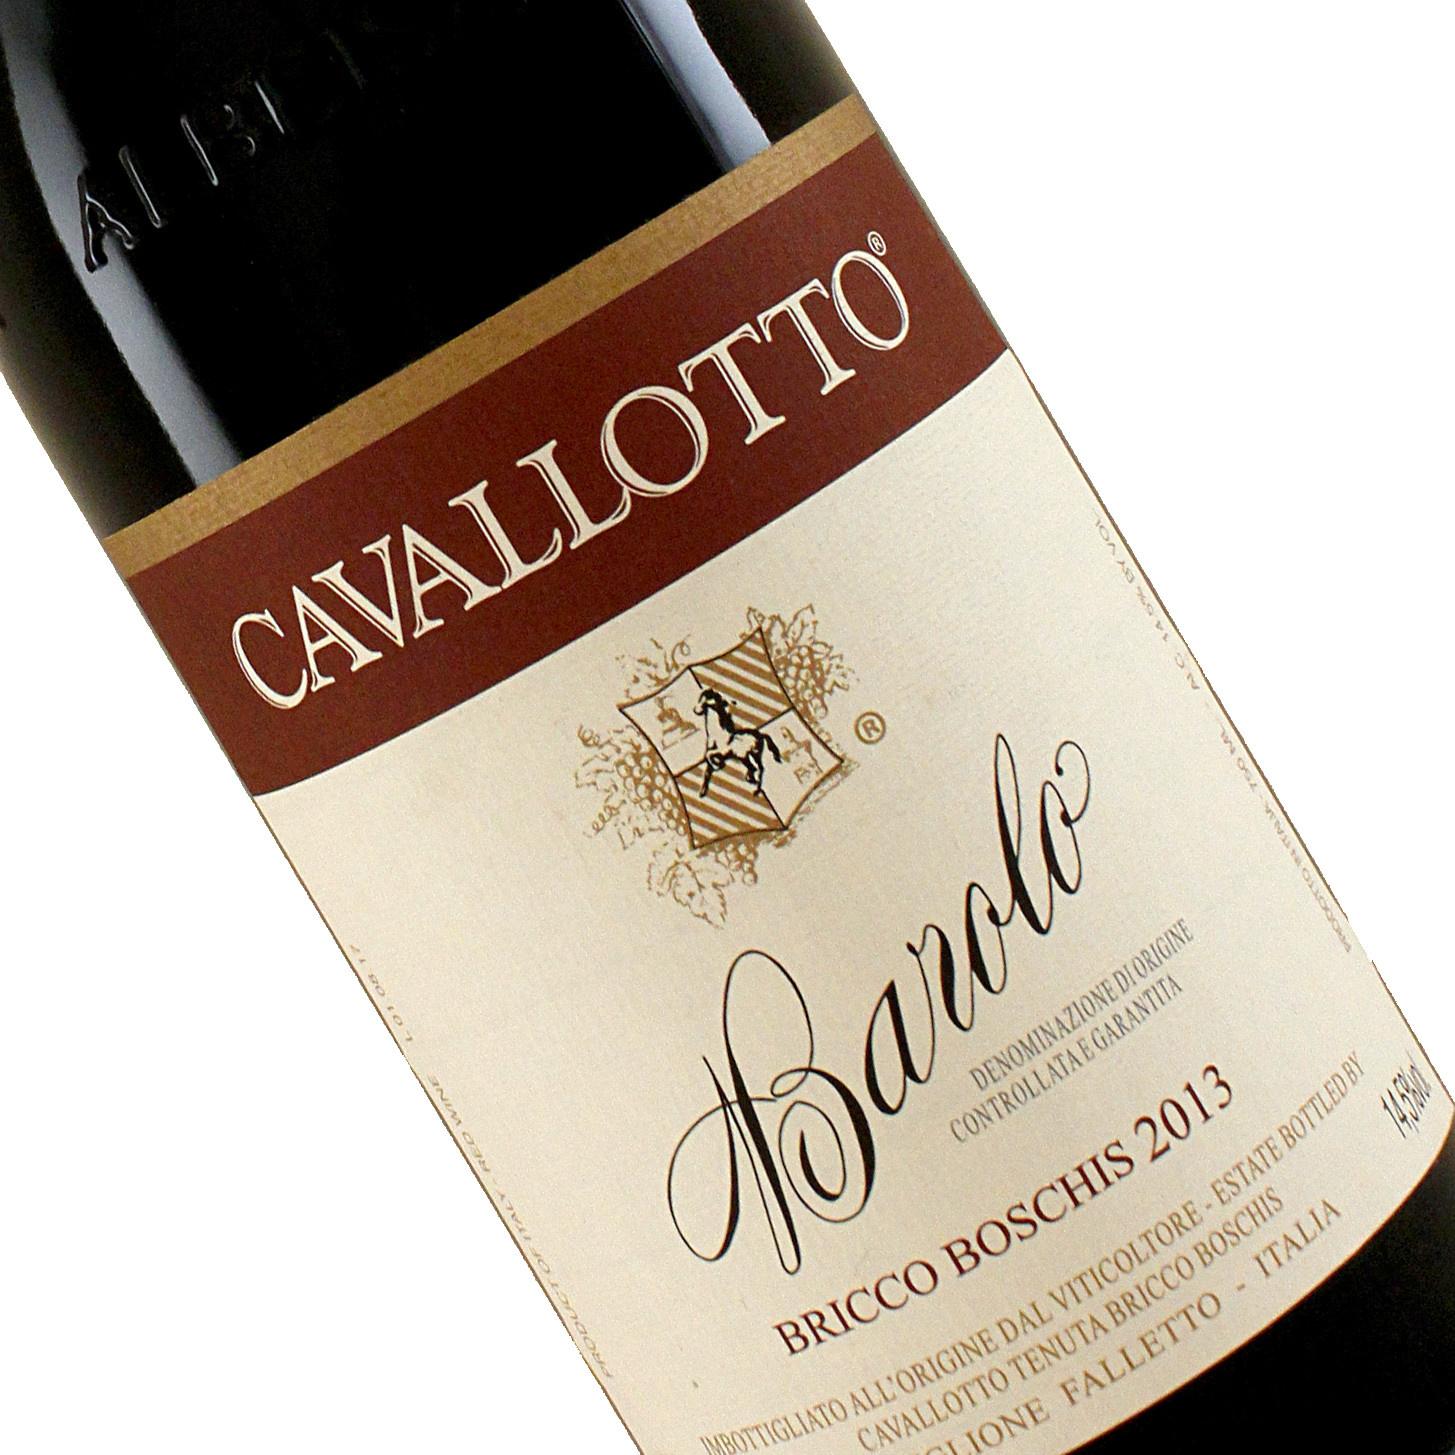 Cavallotto 2013 Barolo Bricco Boschis, Piedmont